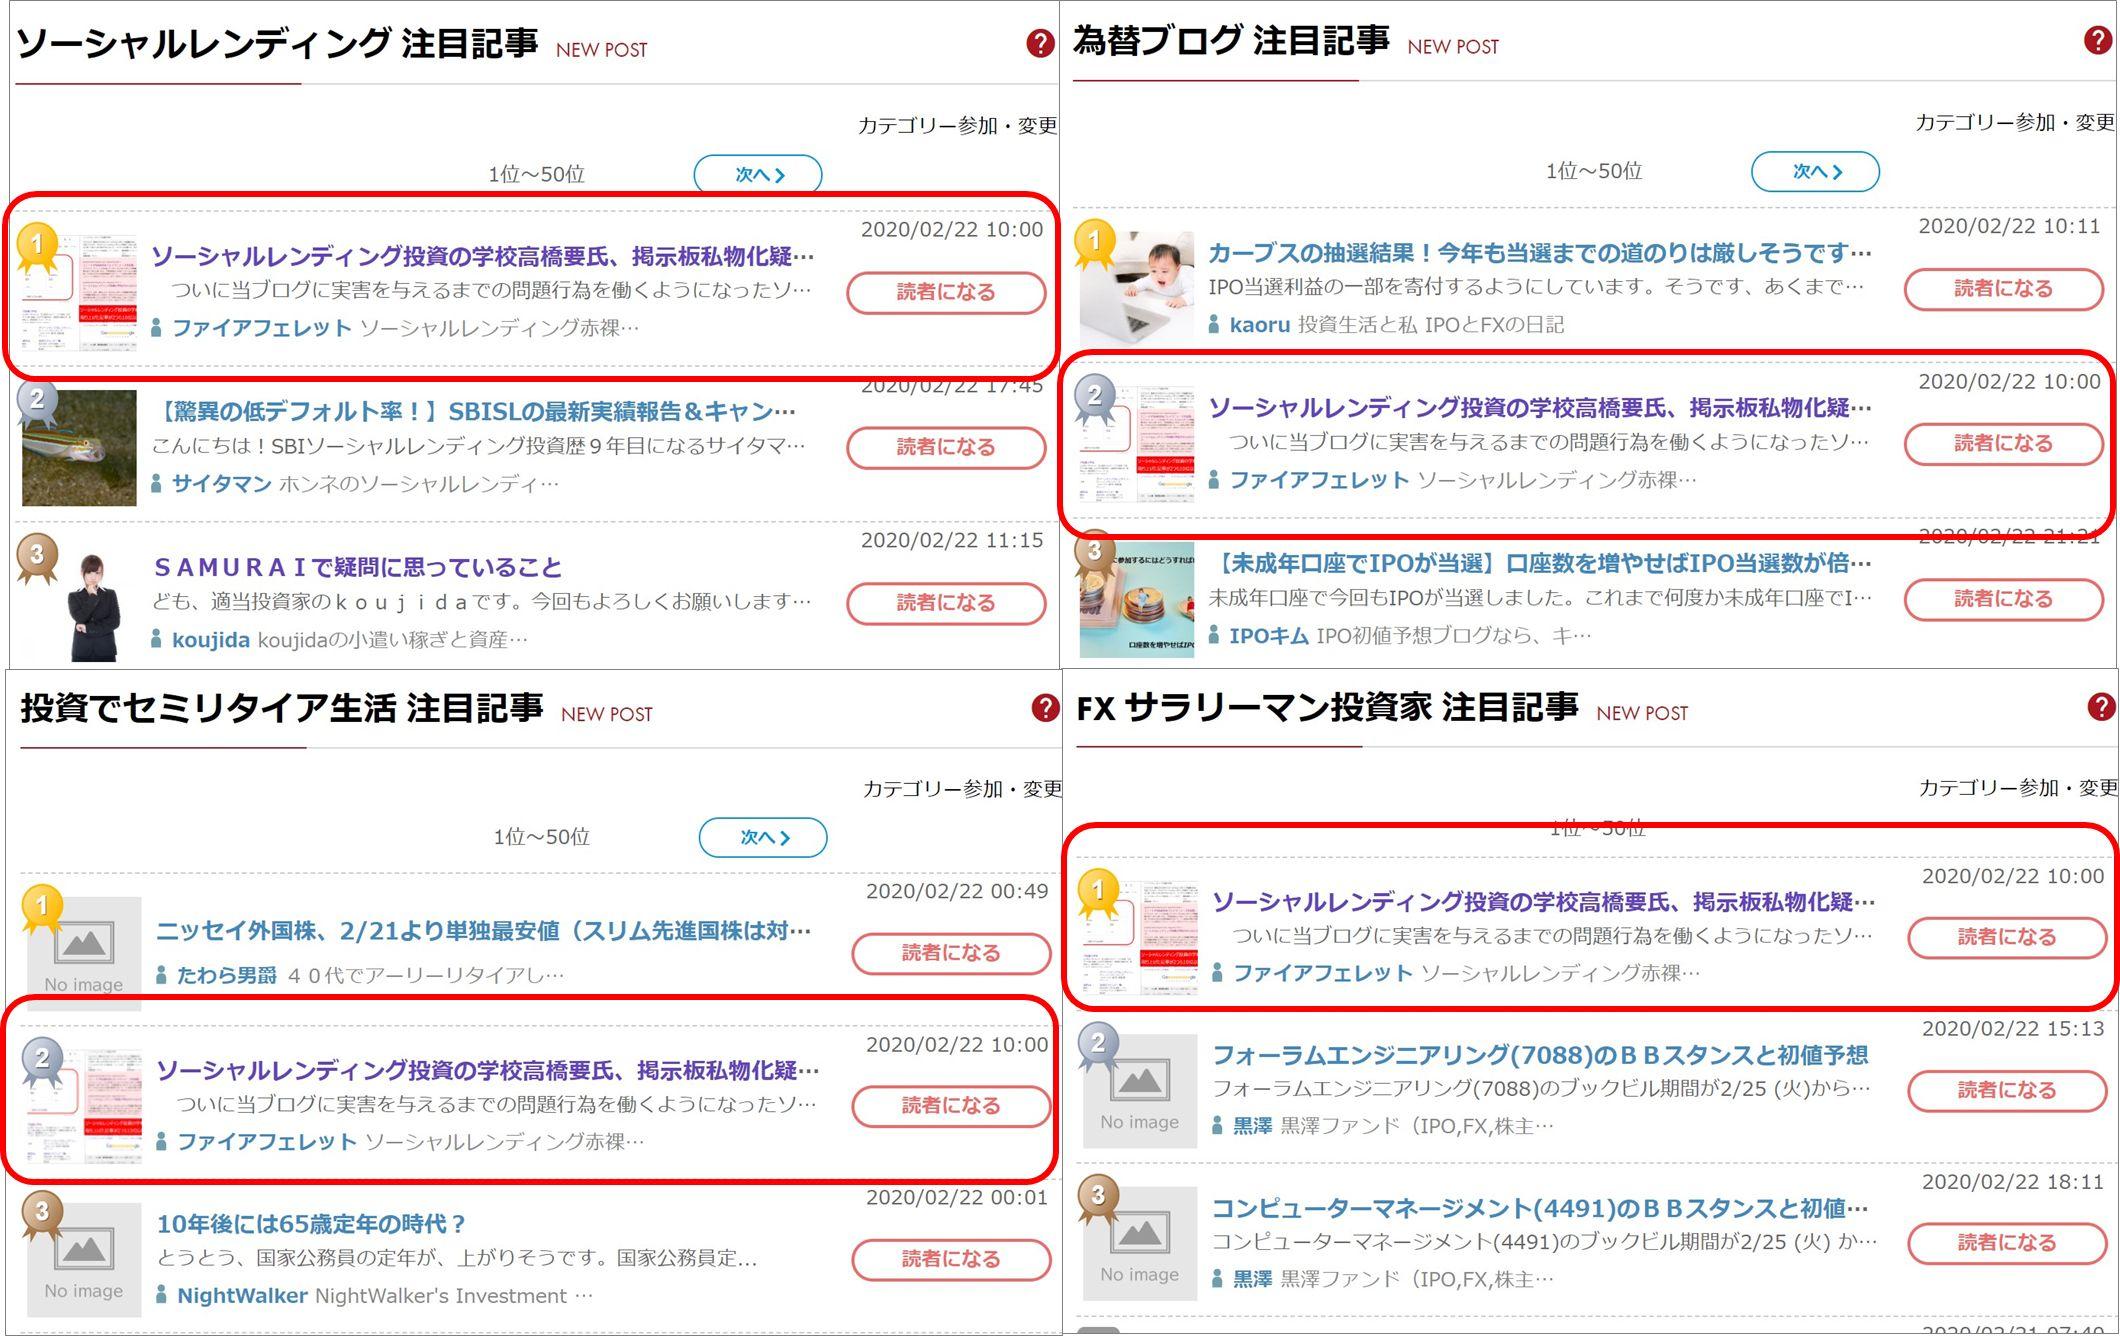 05株式会社クオリコ社長高橋要氏の問題点